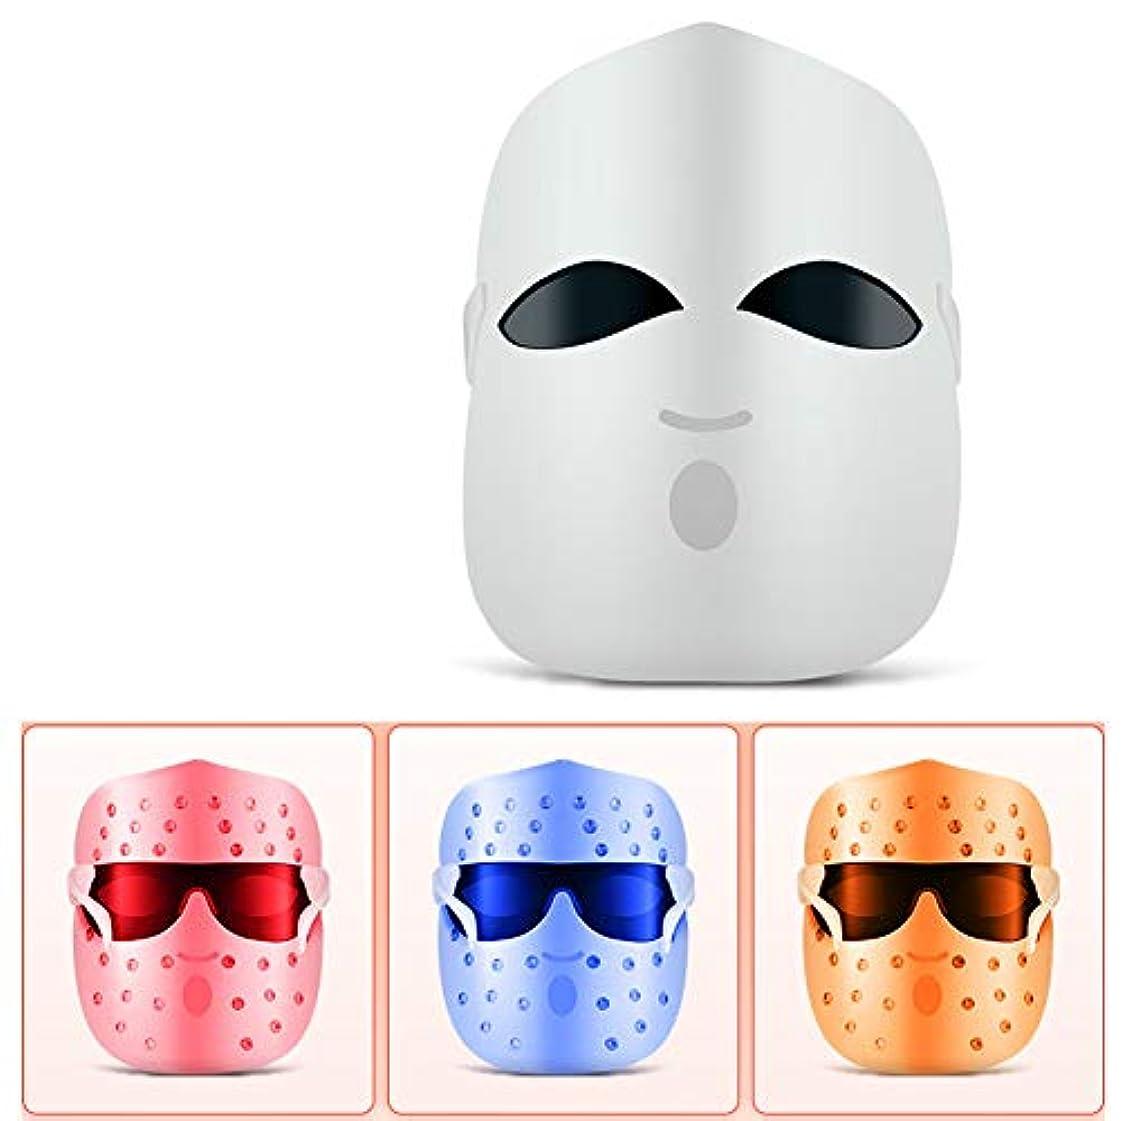 監督する尊厳テロリストフェイスマスク、にきびの治療のための光療法にきびマスク|スポット|にきび|肌のシミ